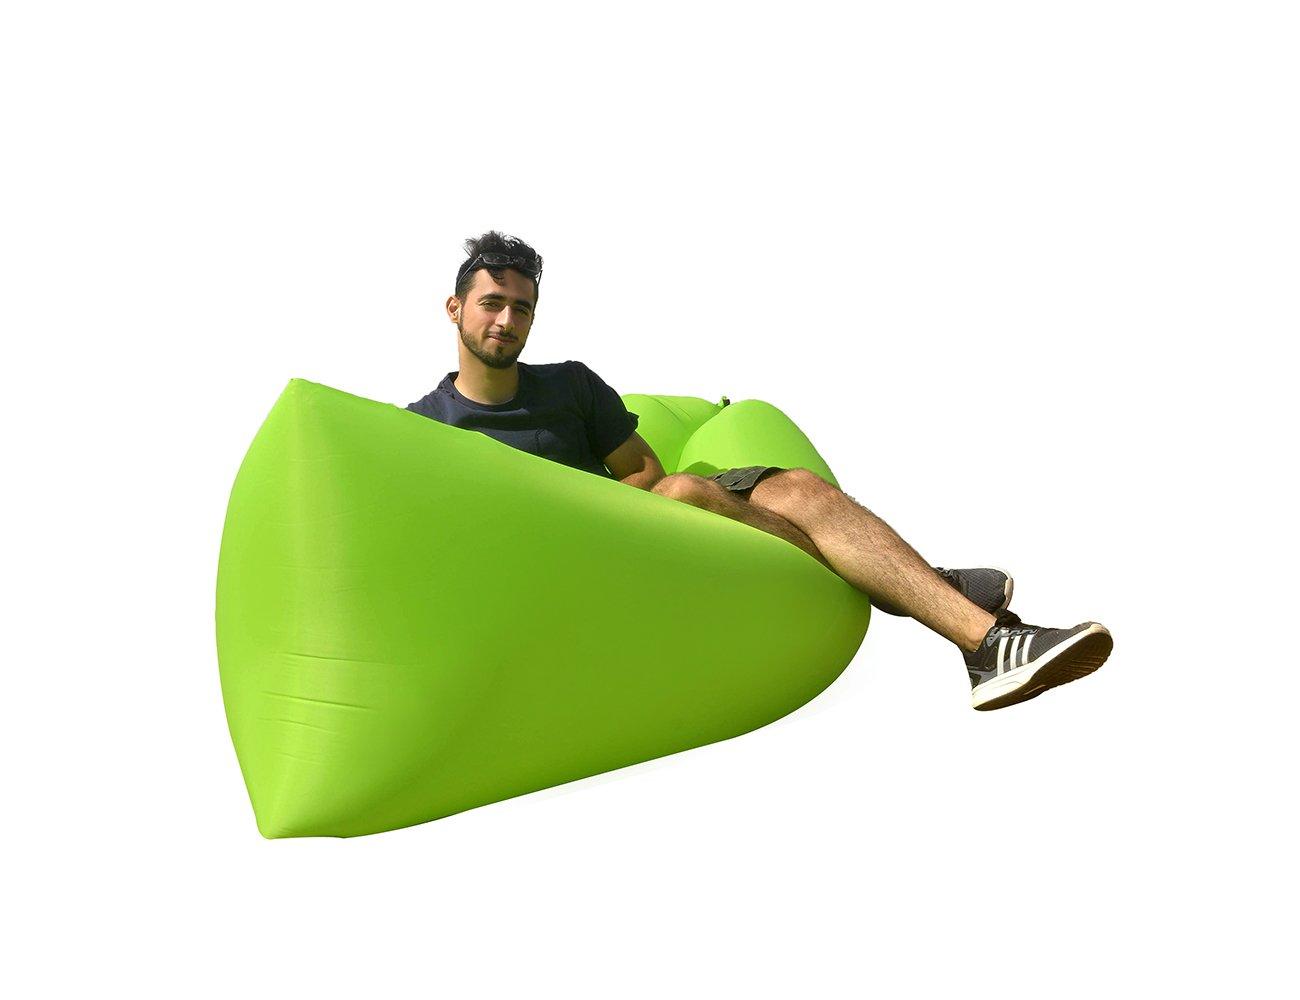 Lazy Sofá Tumbona inflable Sofa Hinchable playa colchones de aire de compresión Hangout Sofá,Colchones de aire para acampada: Amazon.es: Deportes y aire ...